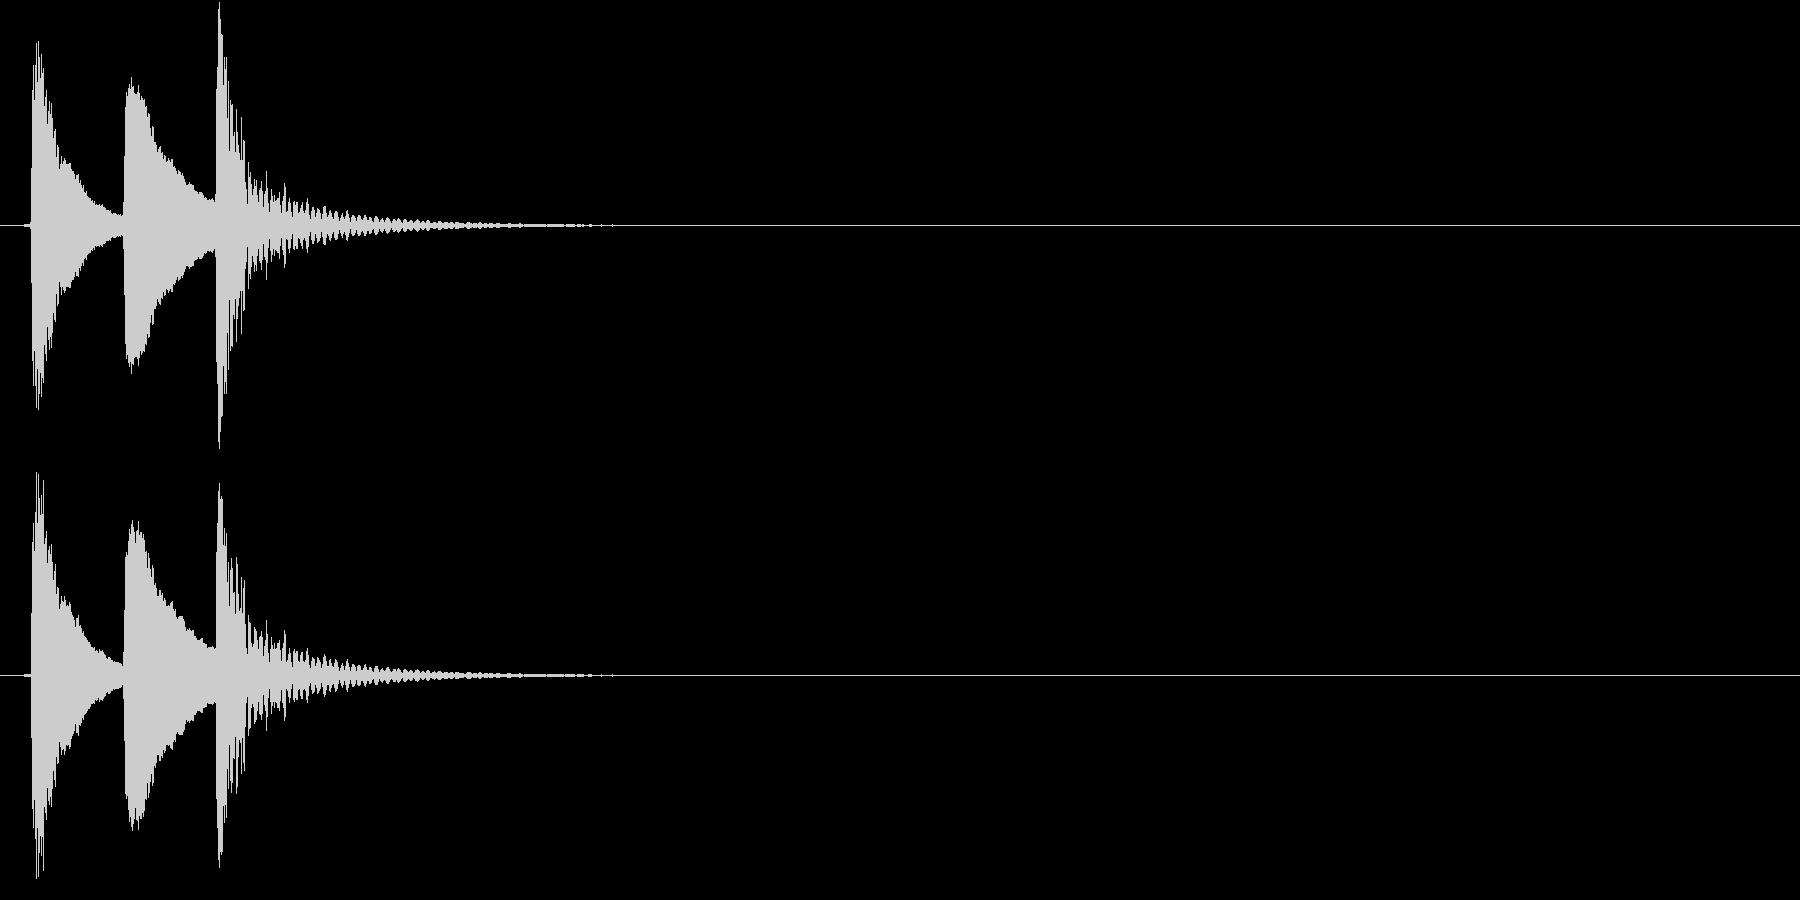 コロロン(下がり調子)の未再生の波形